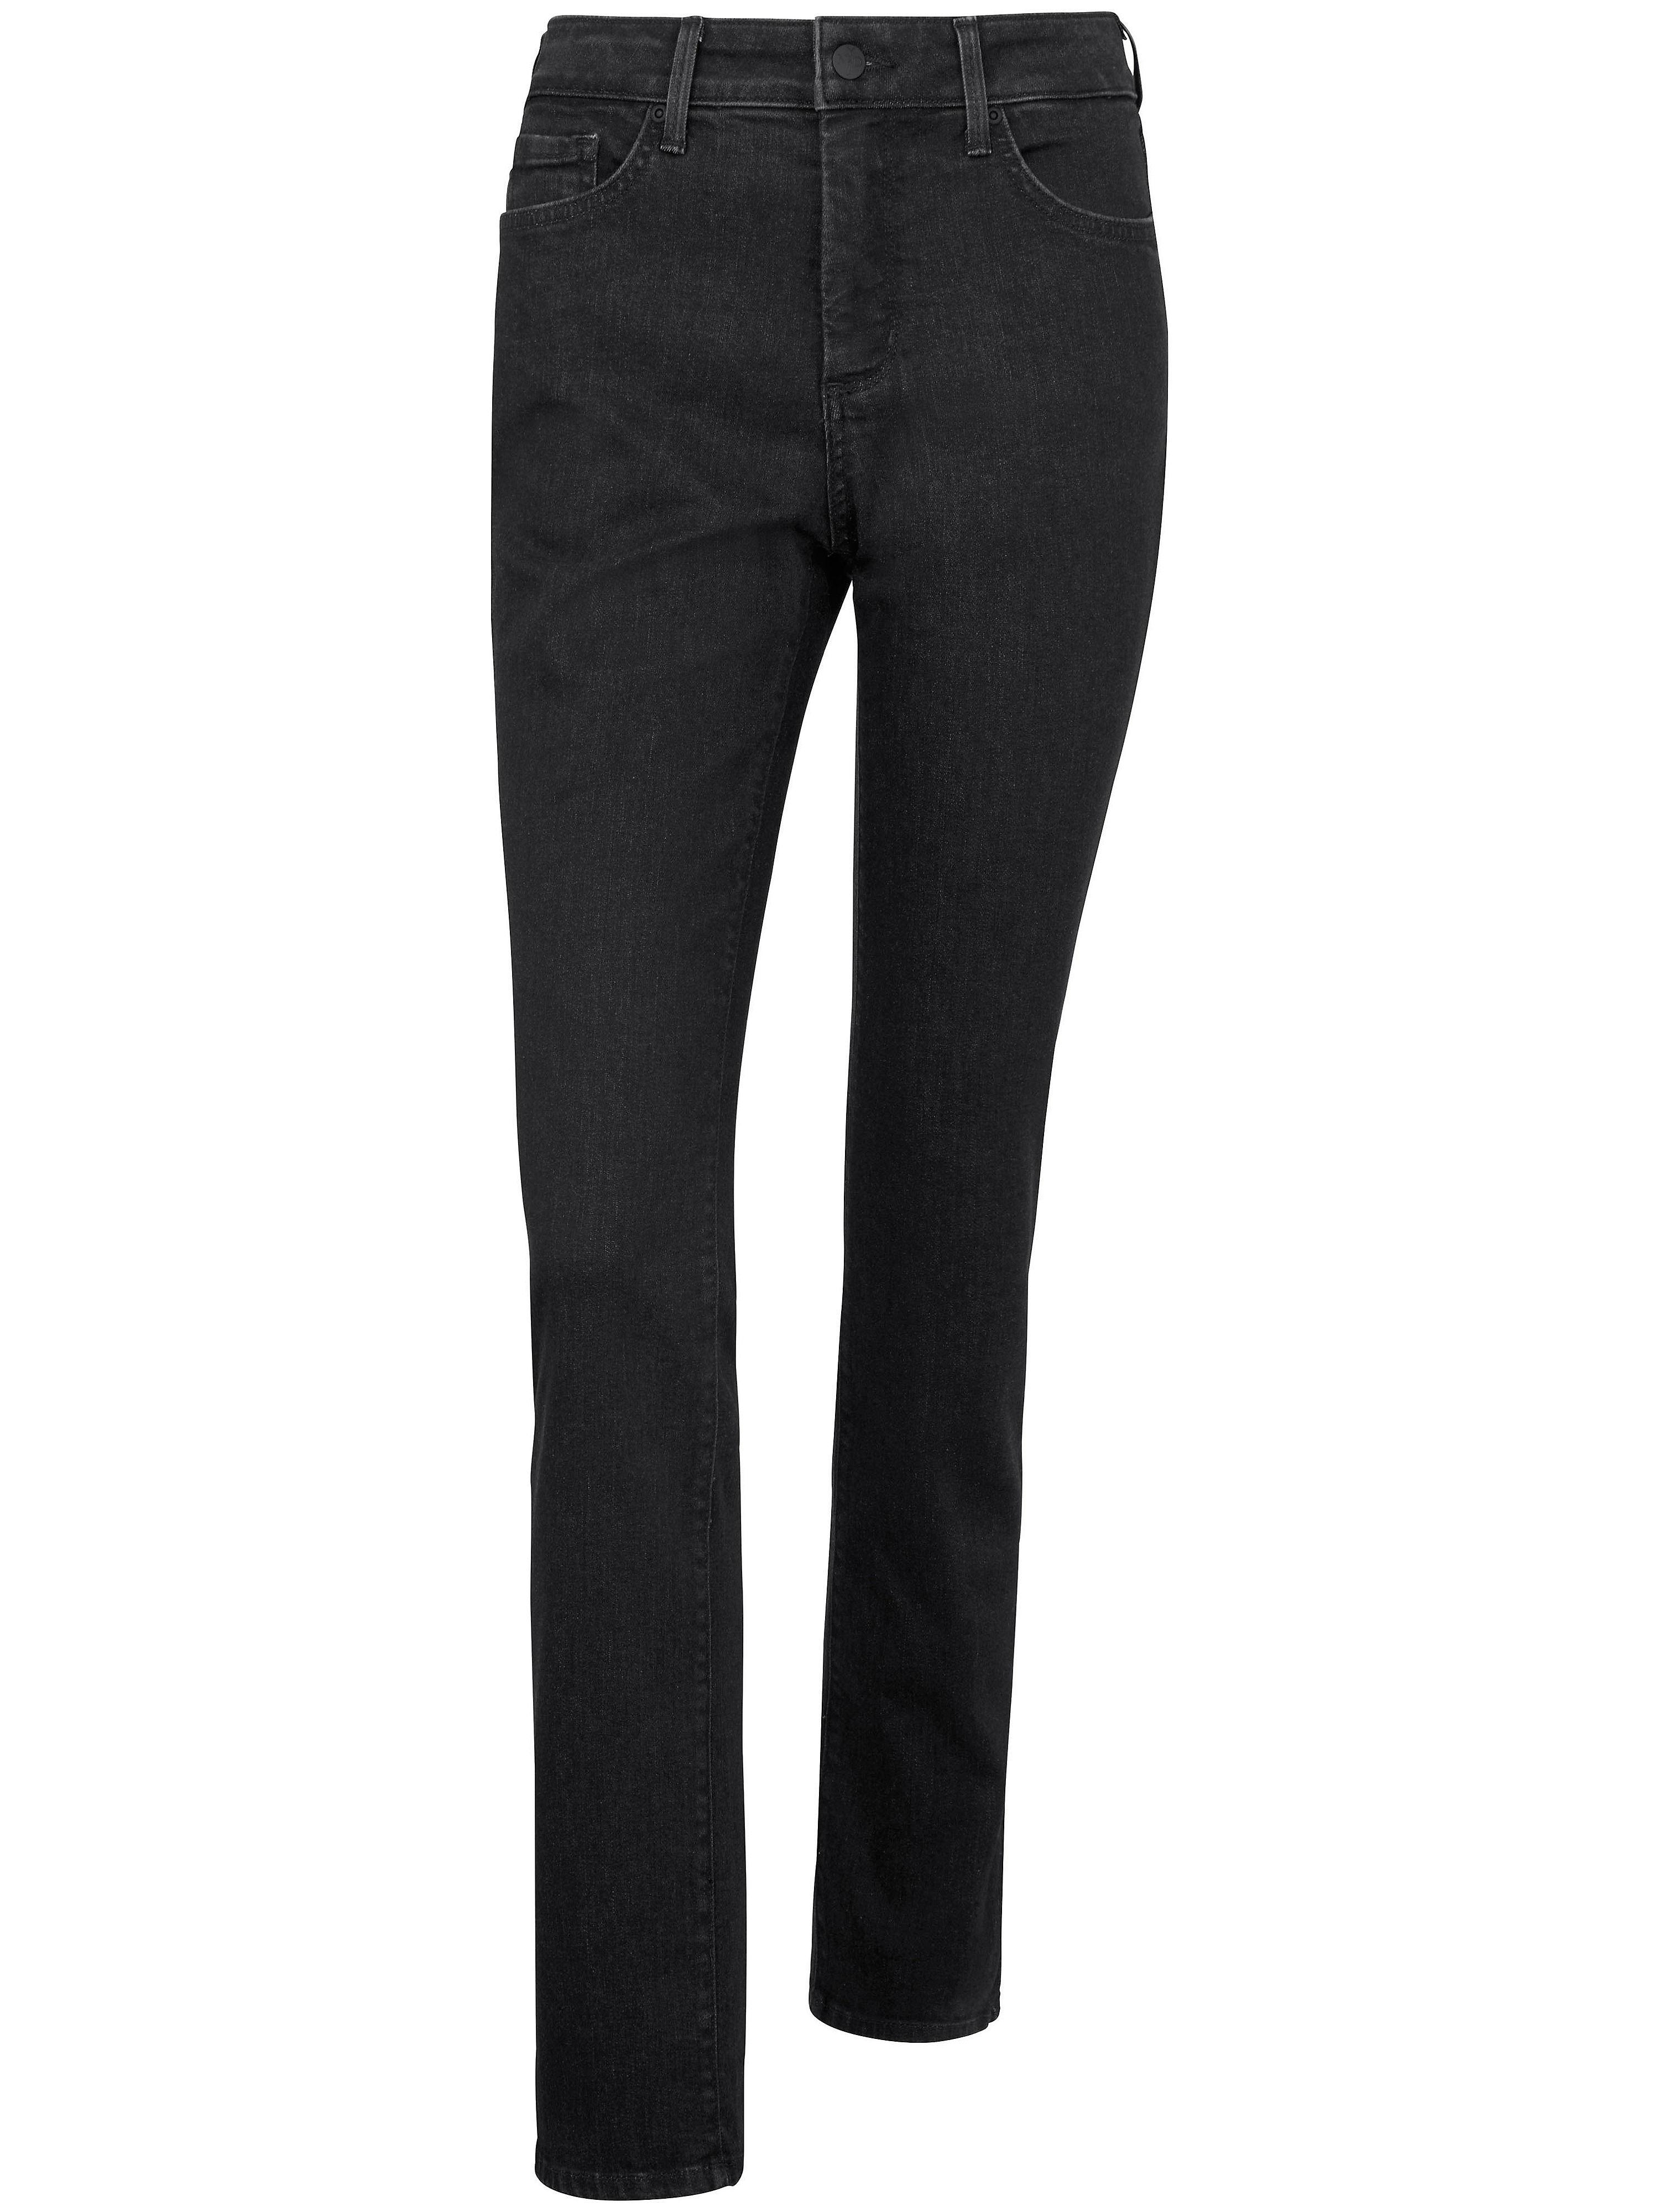 Image of   7/8-jeans fra NYDJ 'Sheri Slim' Inch 31 Fra NYDJ sort